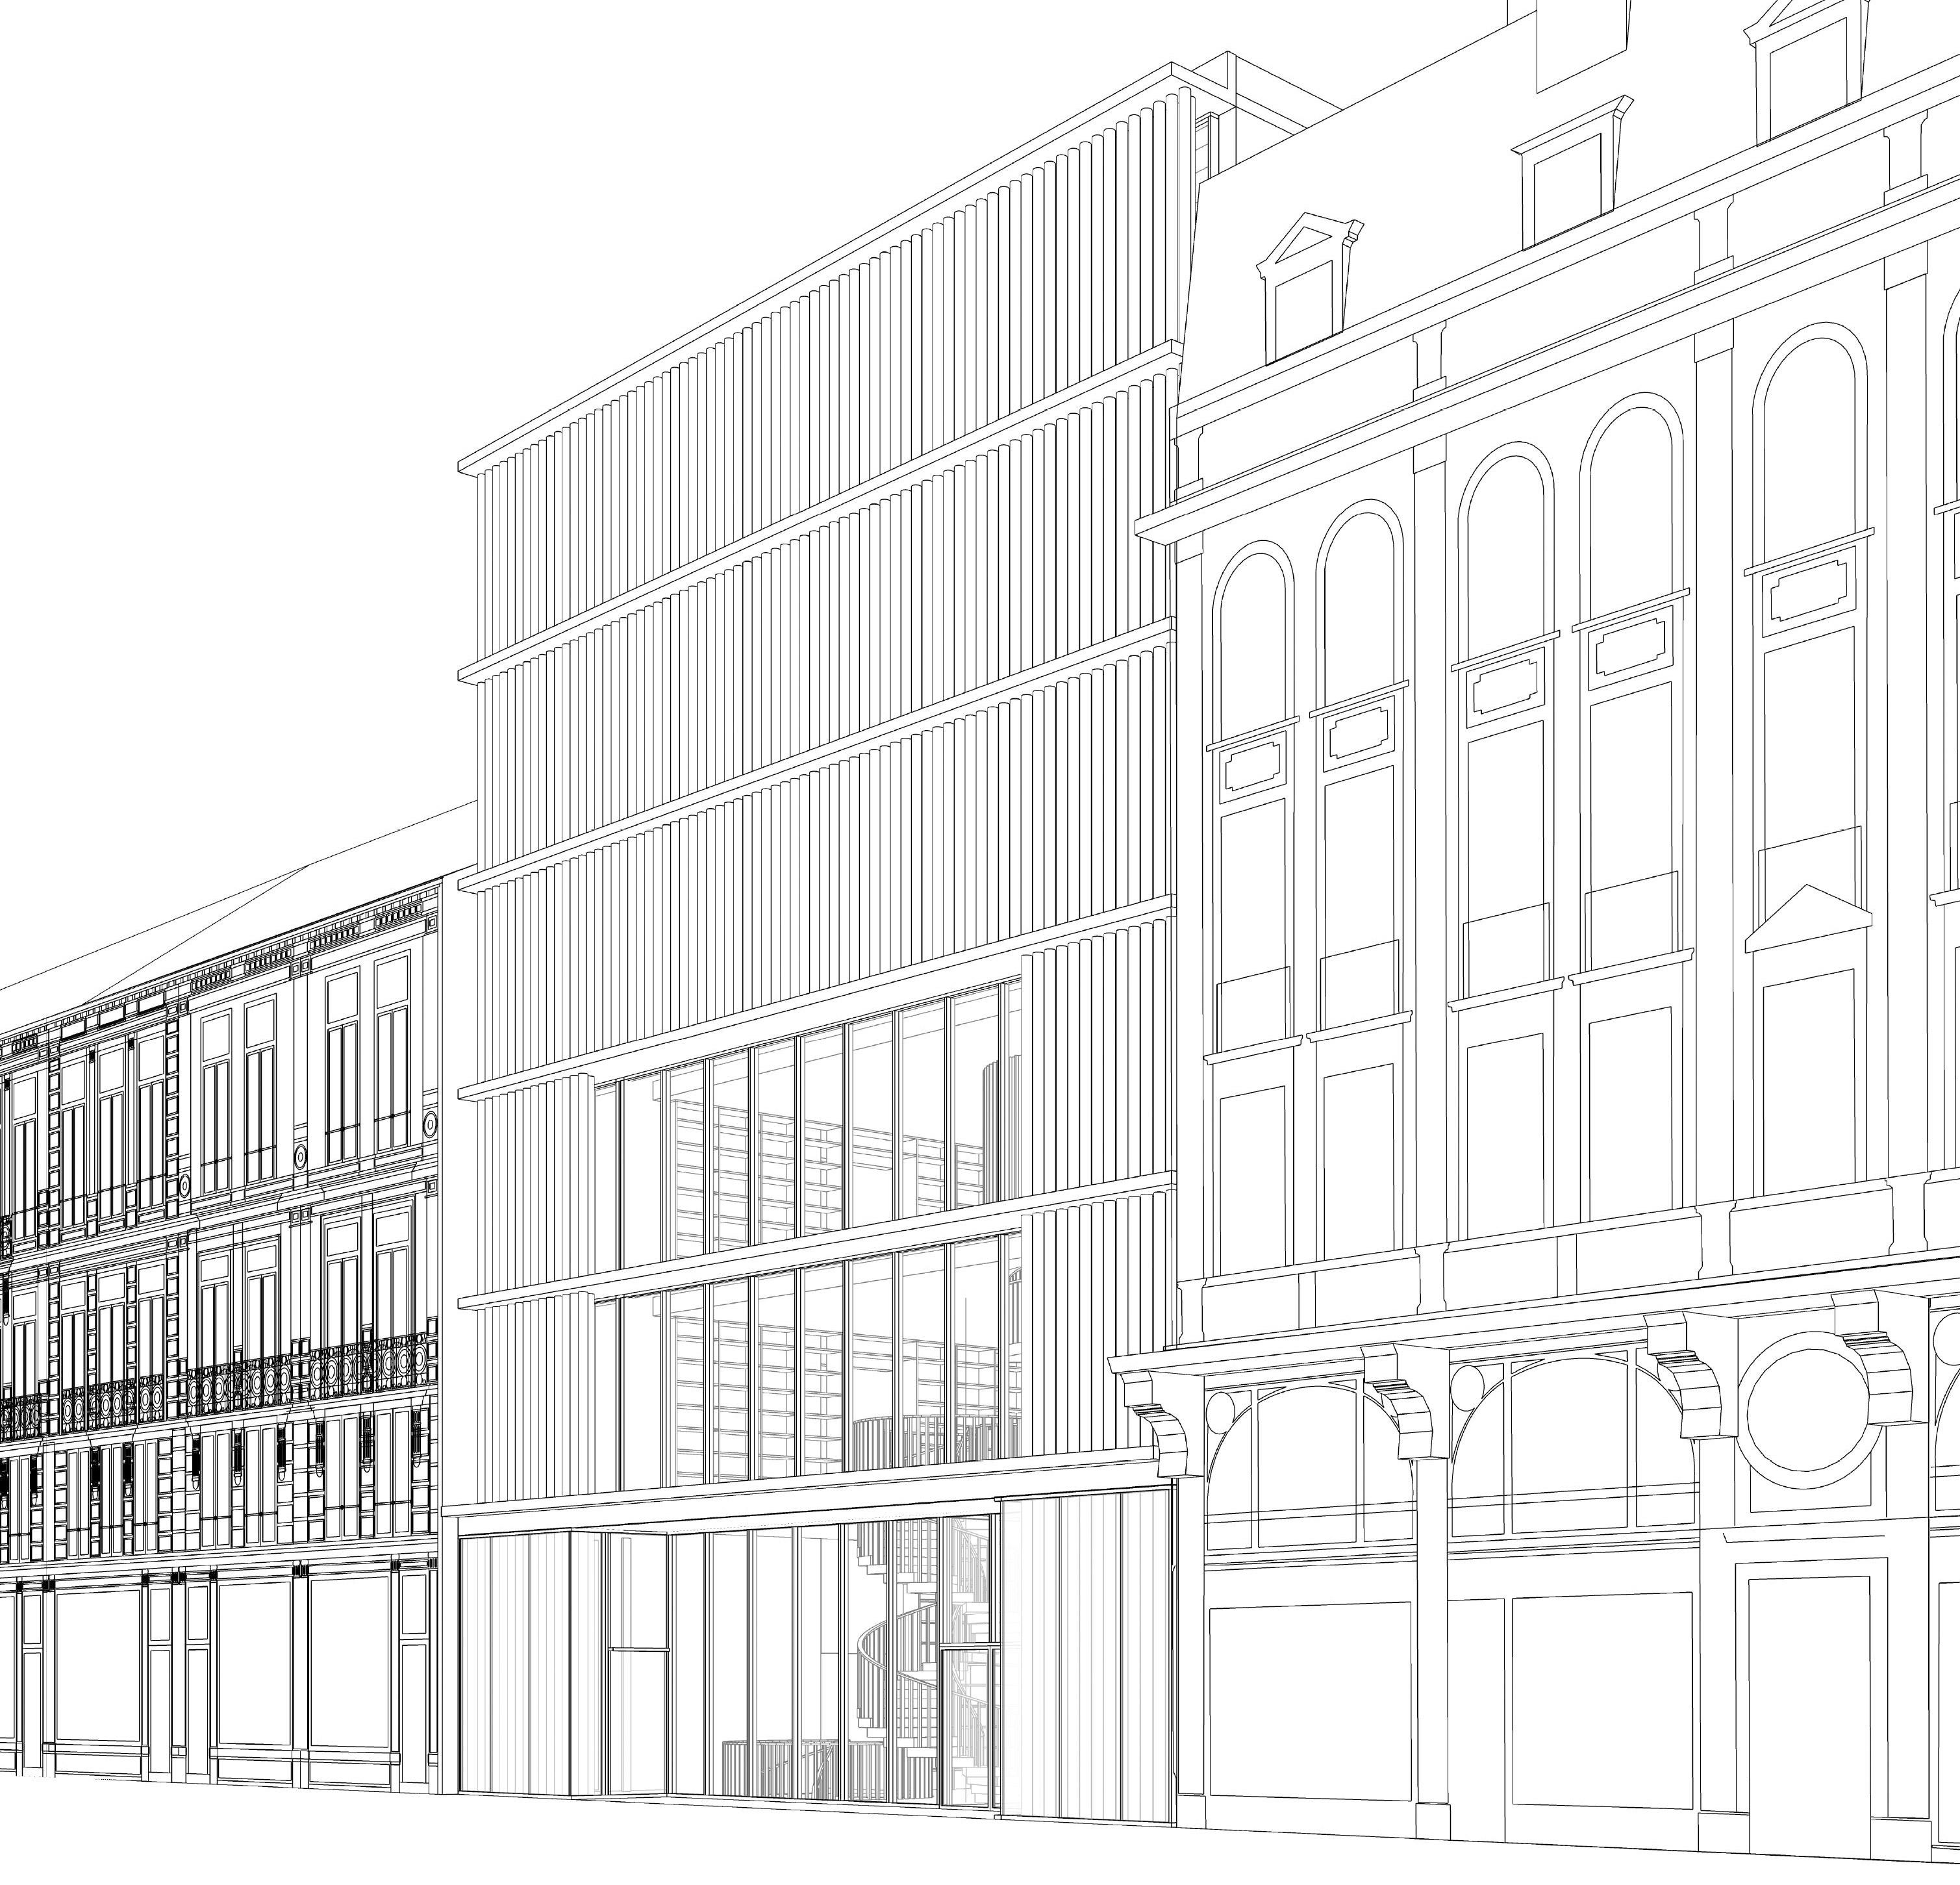 Ontwerp van de nieuwbouw © Robbrecht en Daem architecten